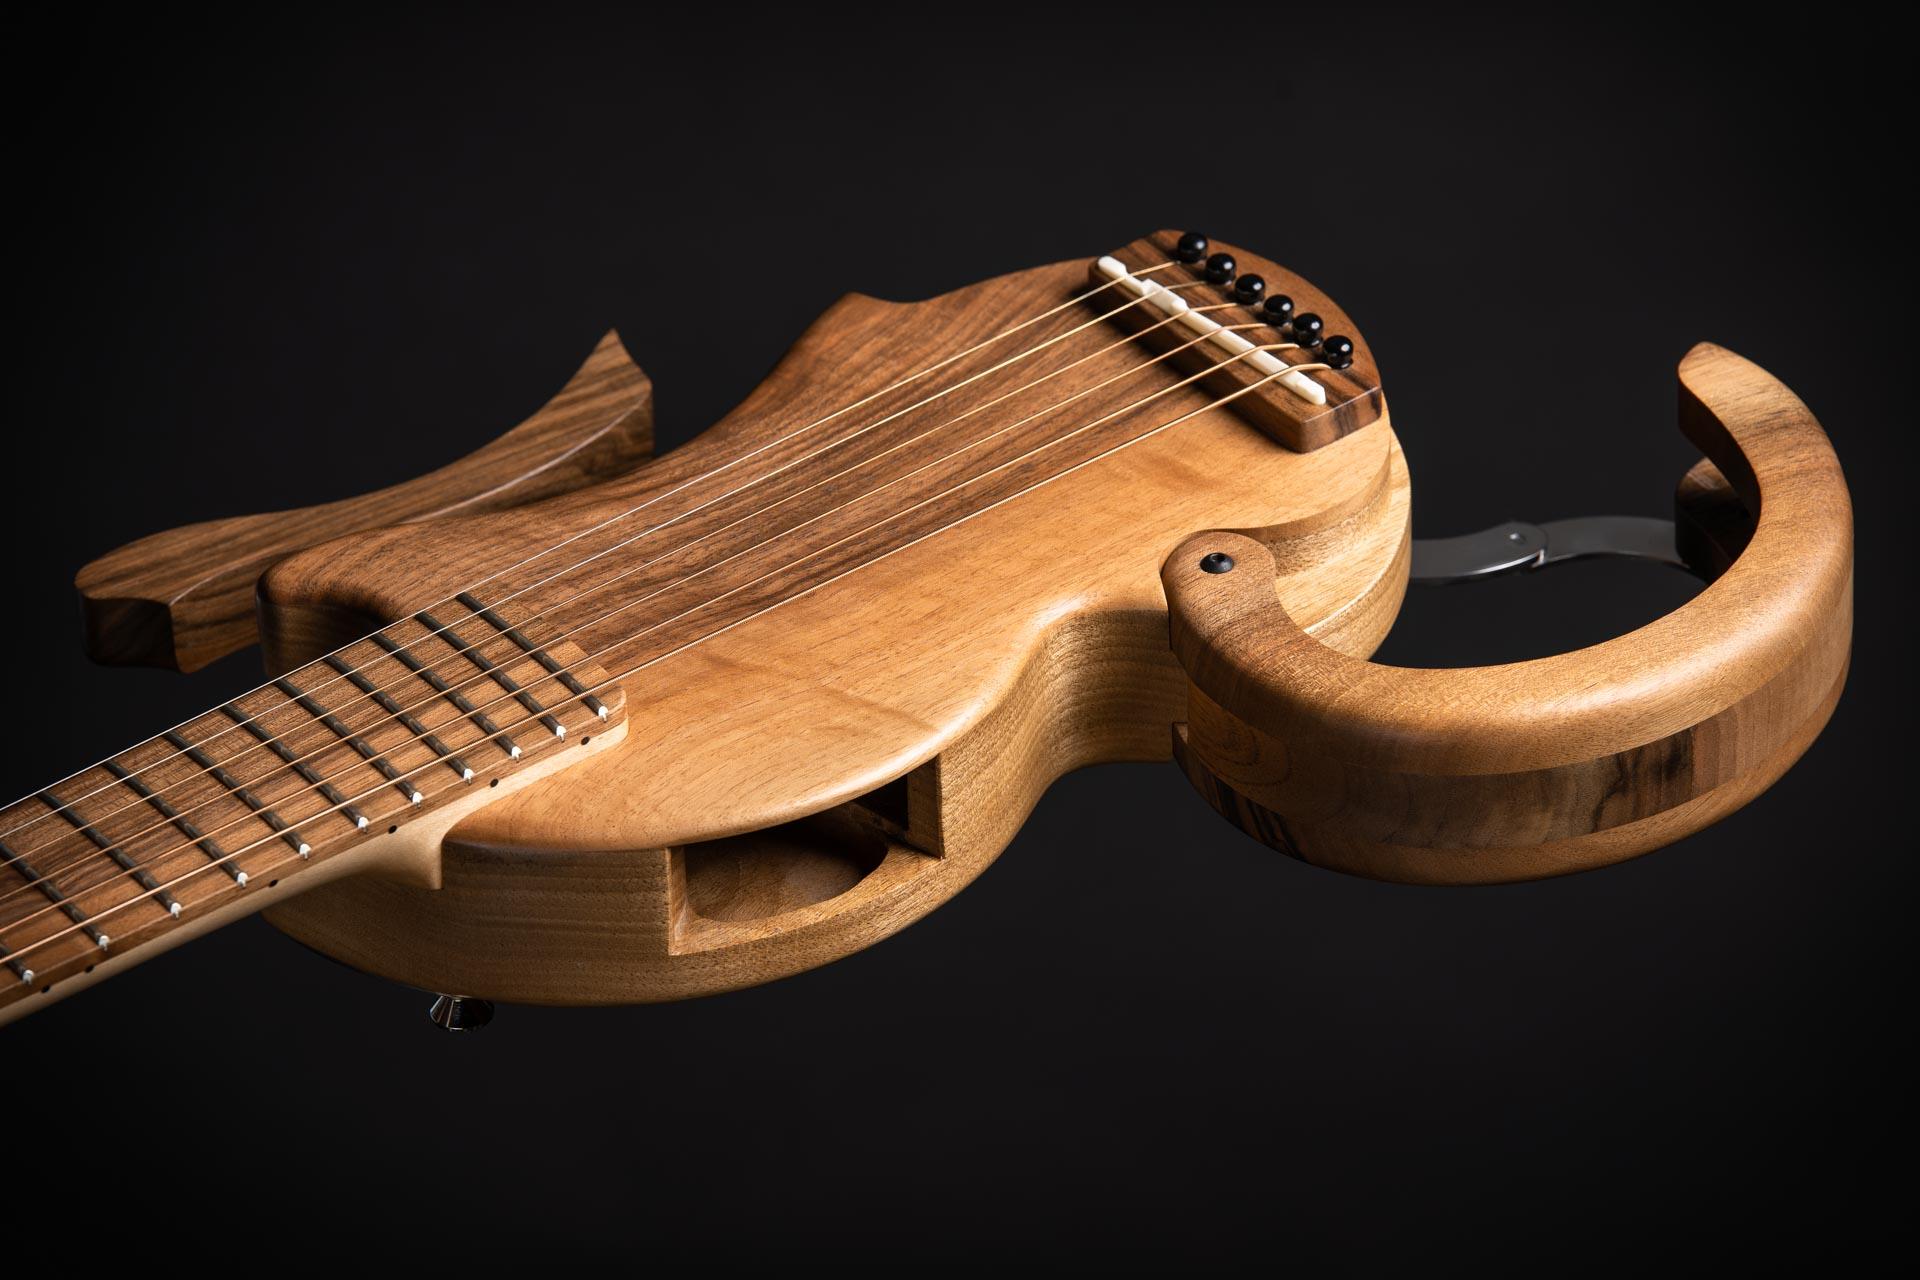 guitare-de-voyage-acoustique-pliable